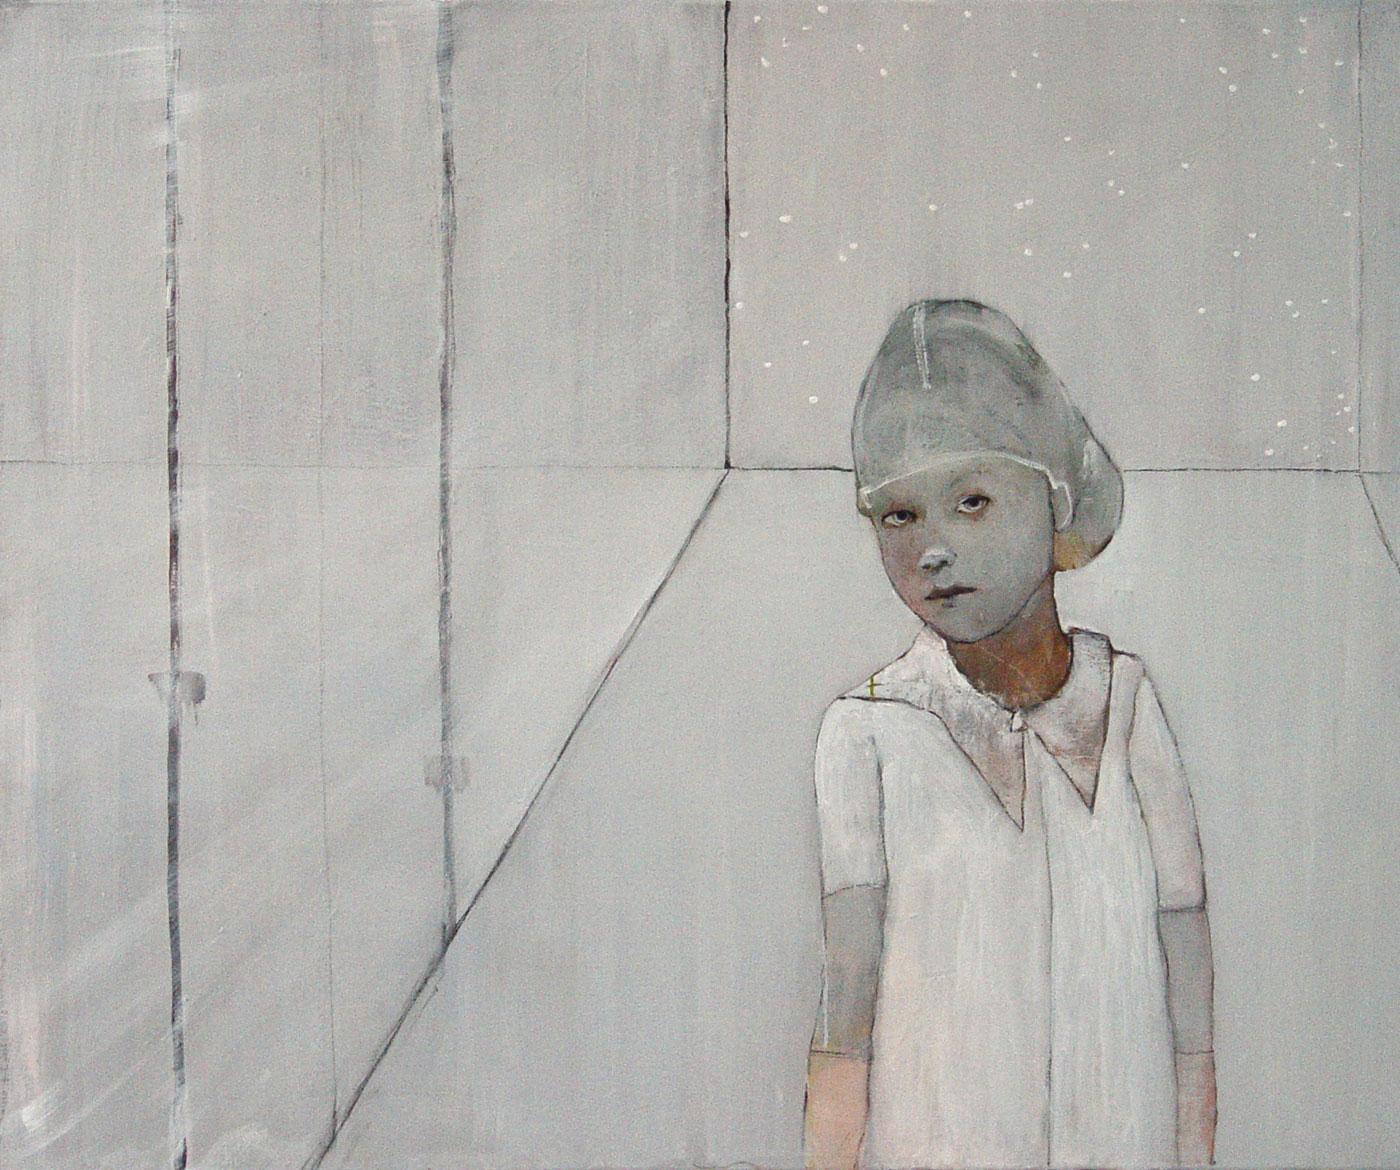 Meisjes portretten en kinderportretten uit 2013 edith snoek - Grijze ruimte ...